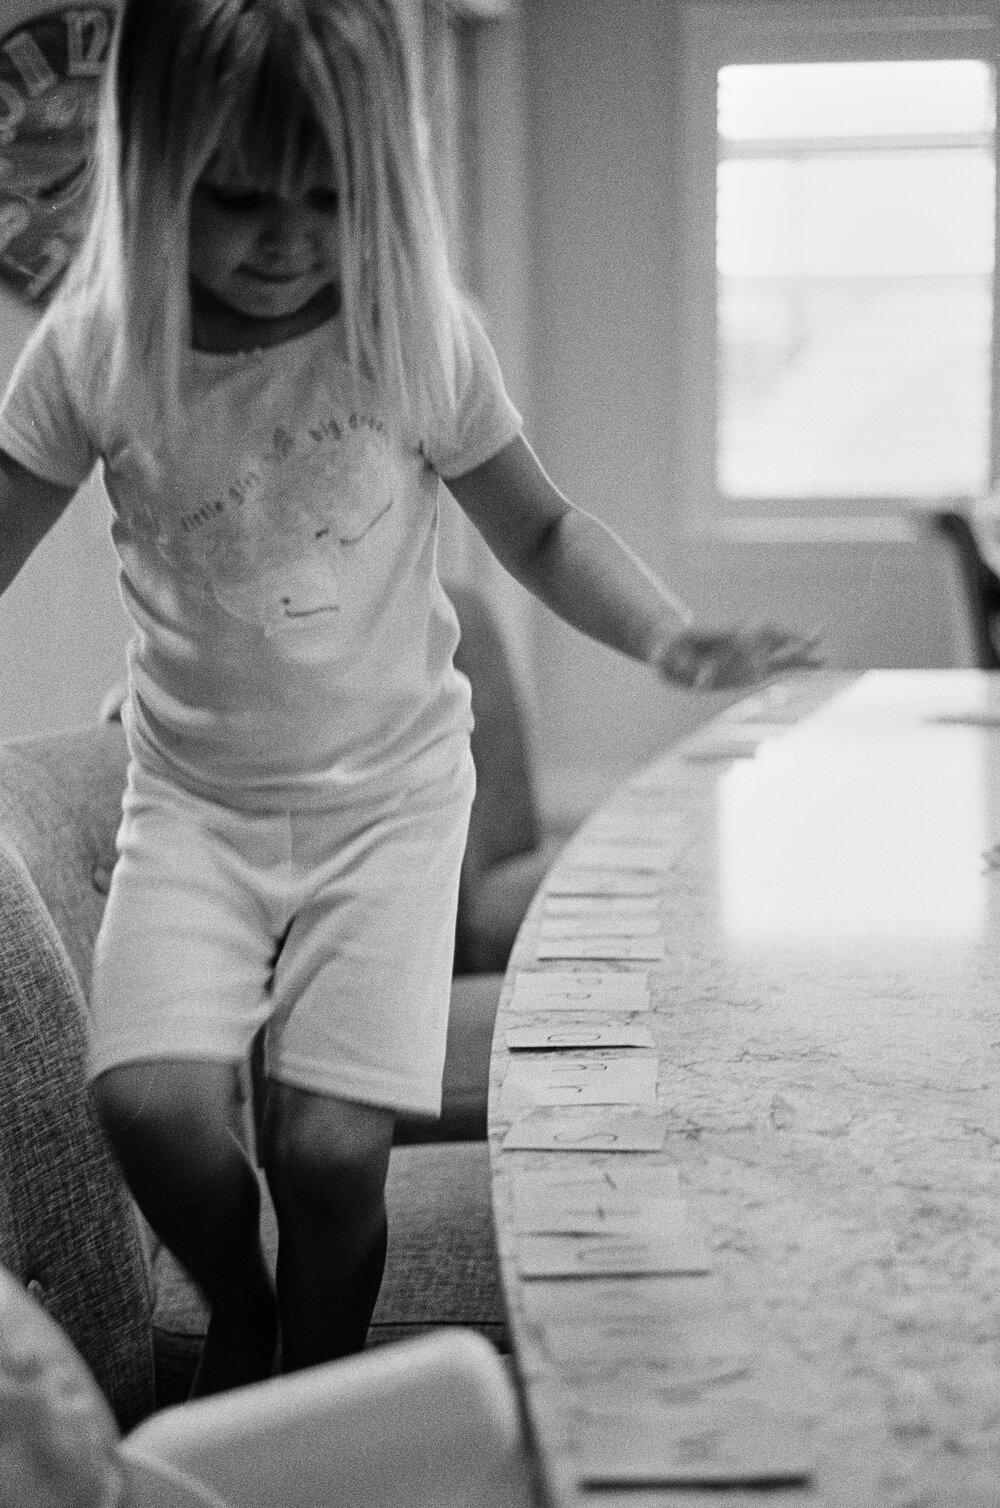 Kids-Home-Pool-CoVid-B&W-Leica-M6-16.jpg